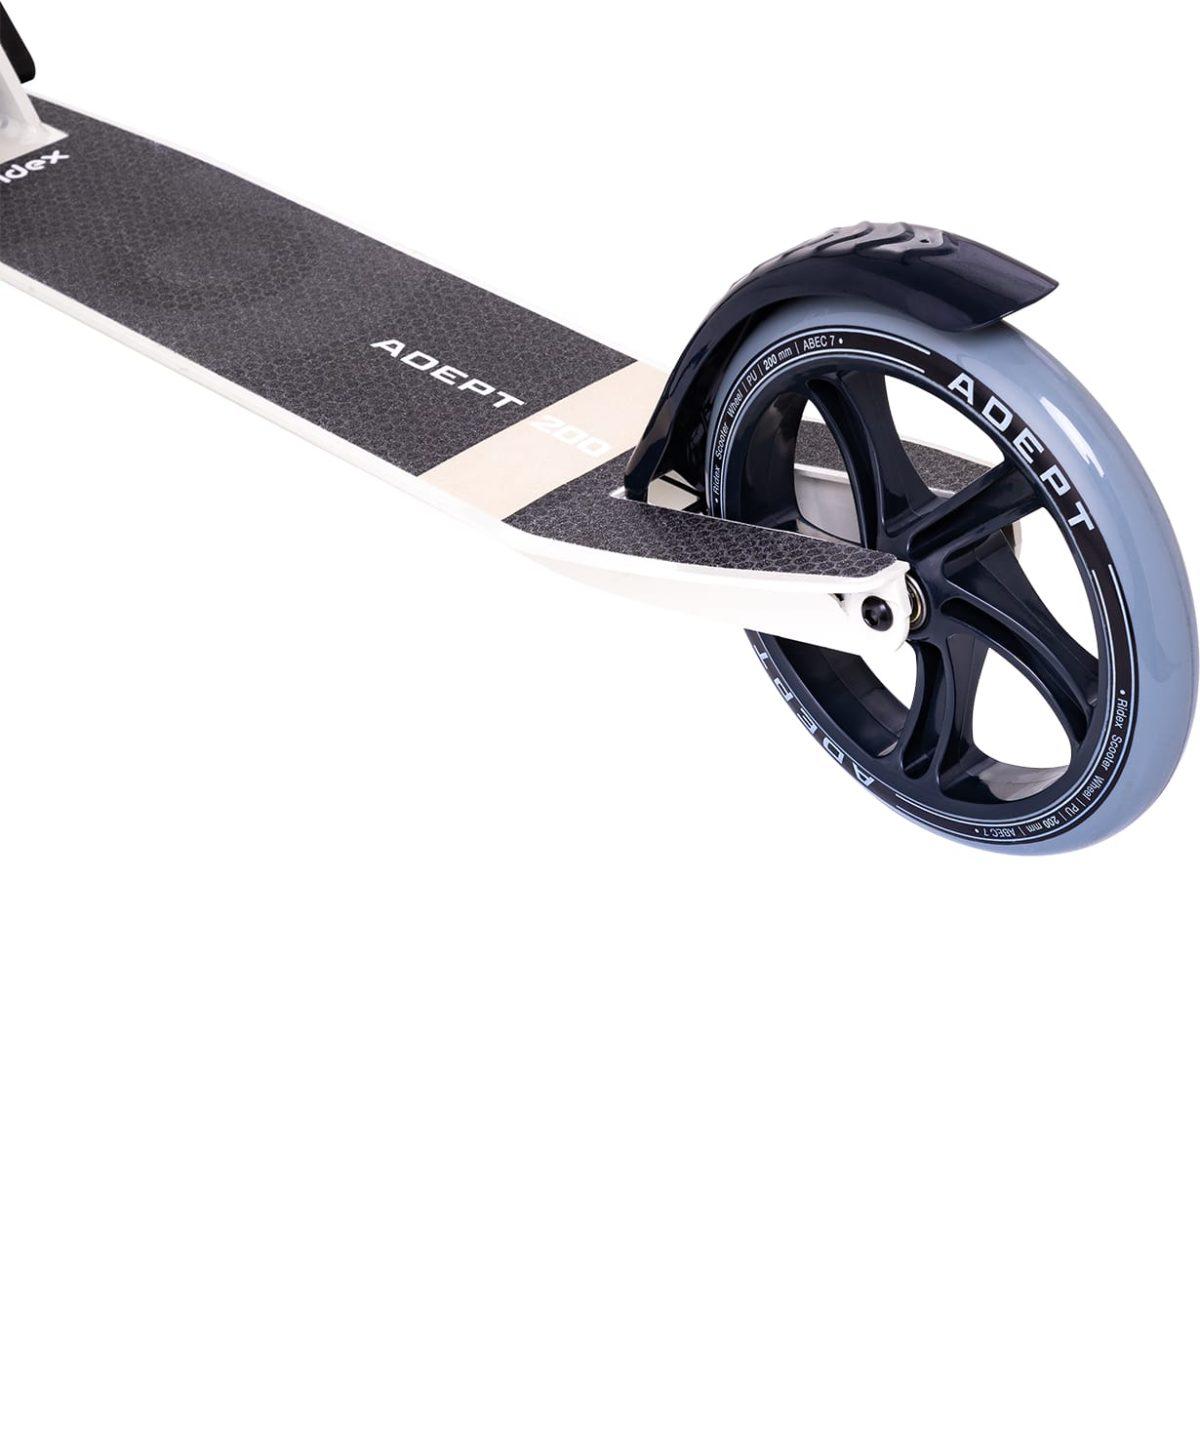 RIDEX Adept Cамокат 2-х колесный 200 мм  Adept: бежевый - 4